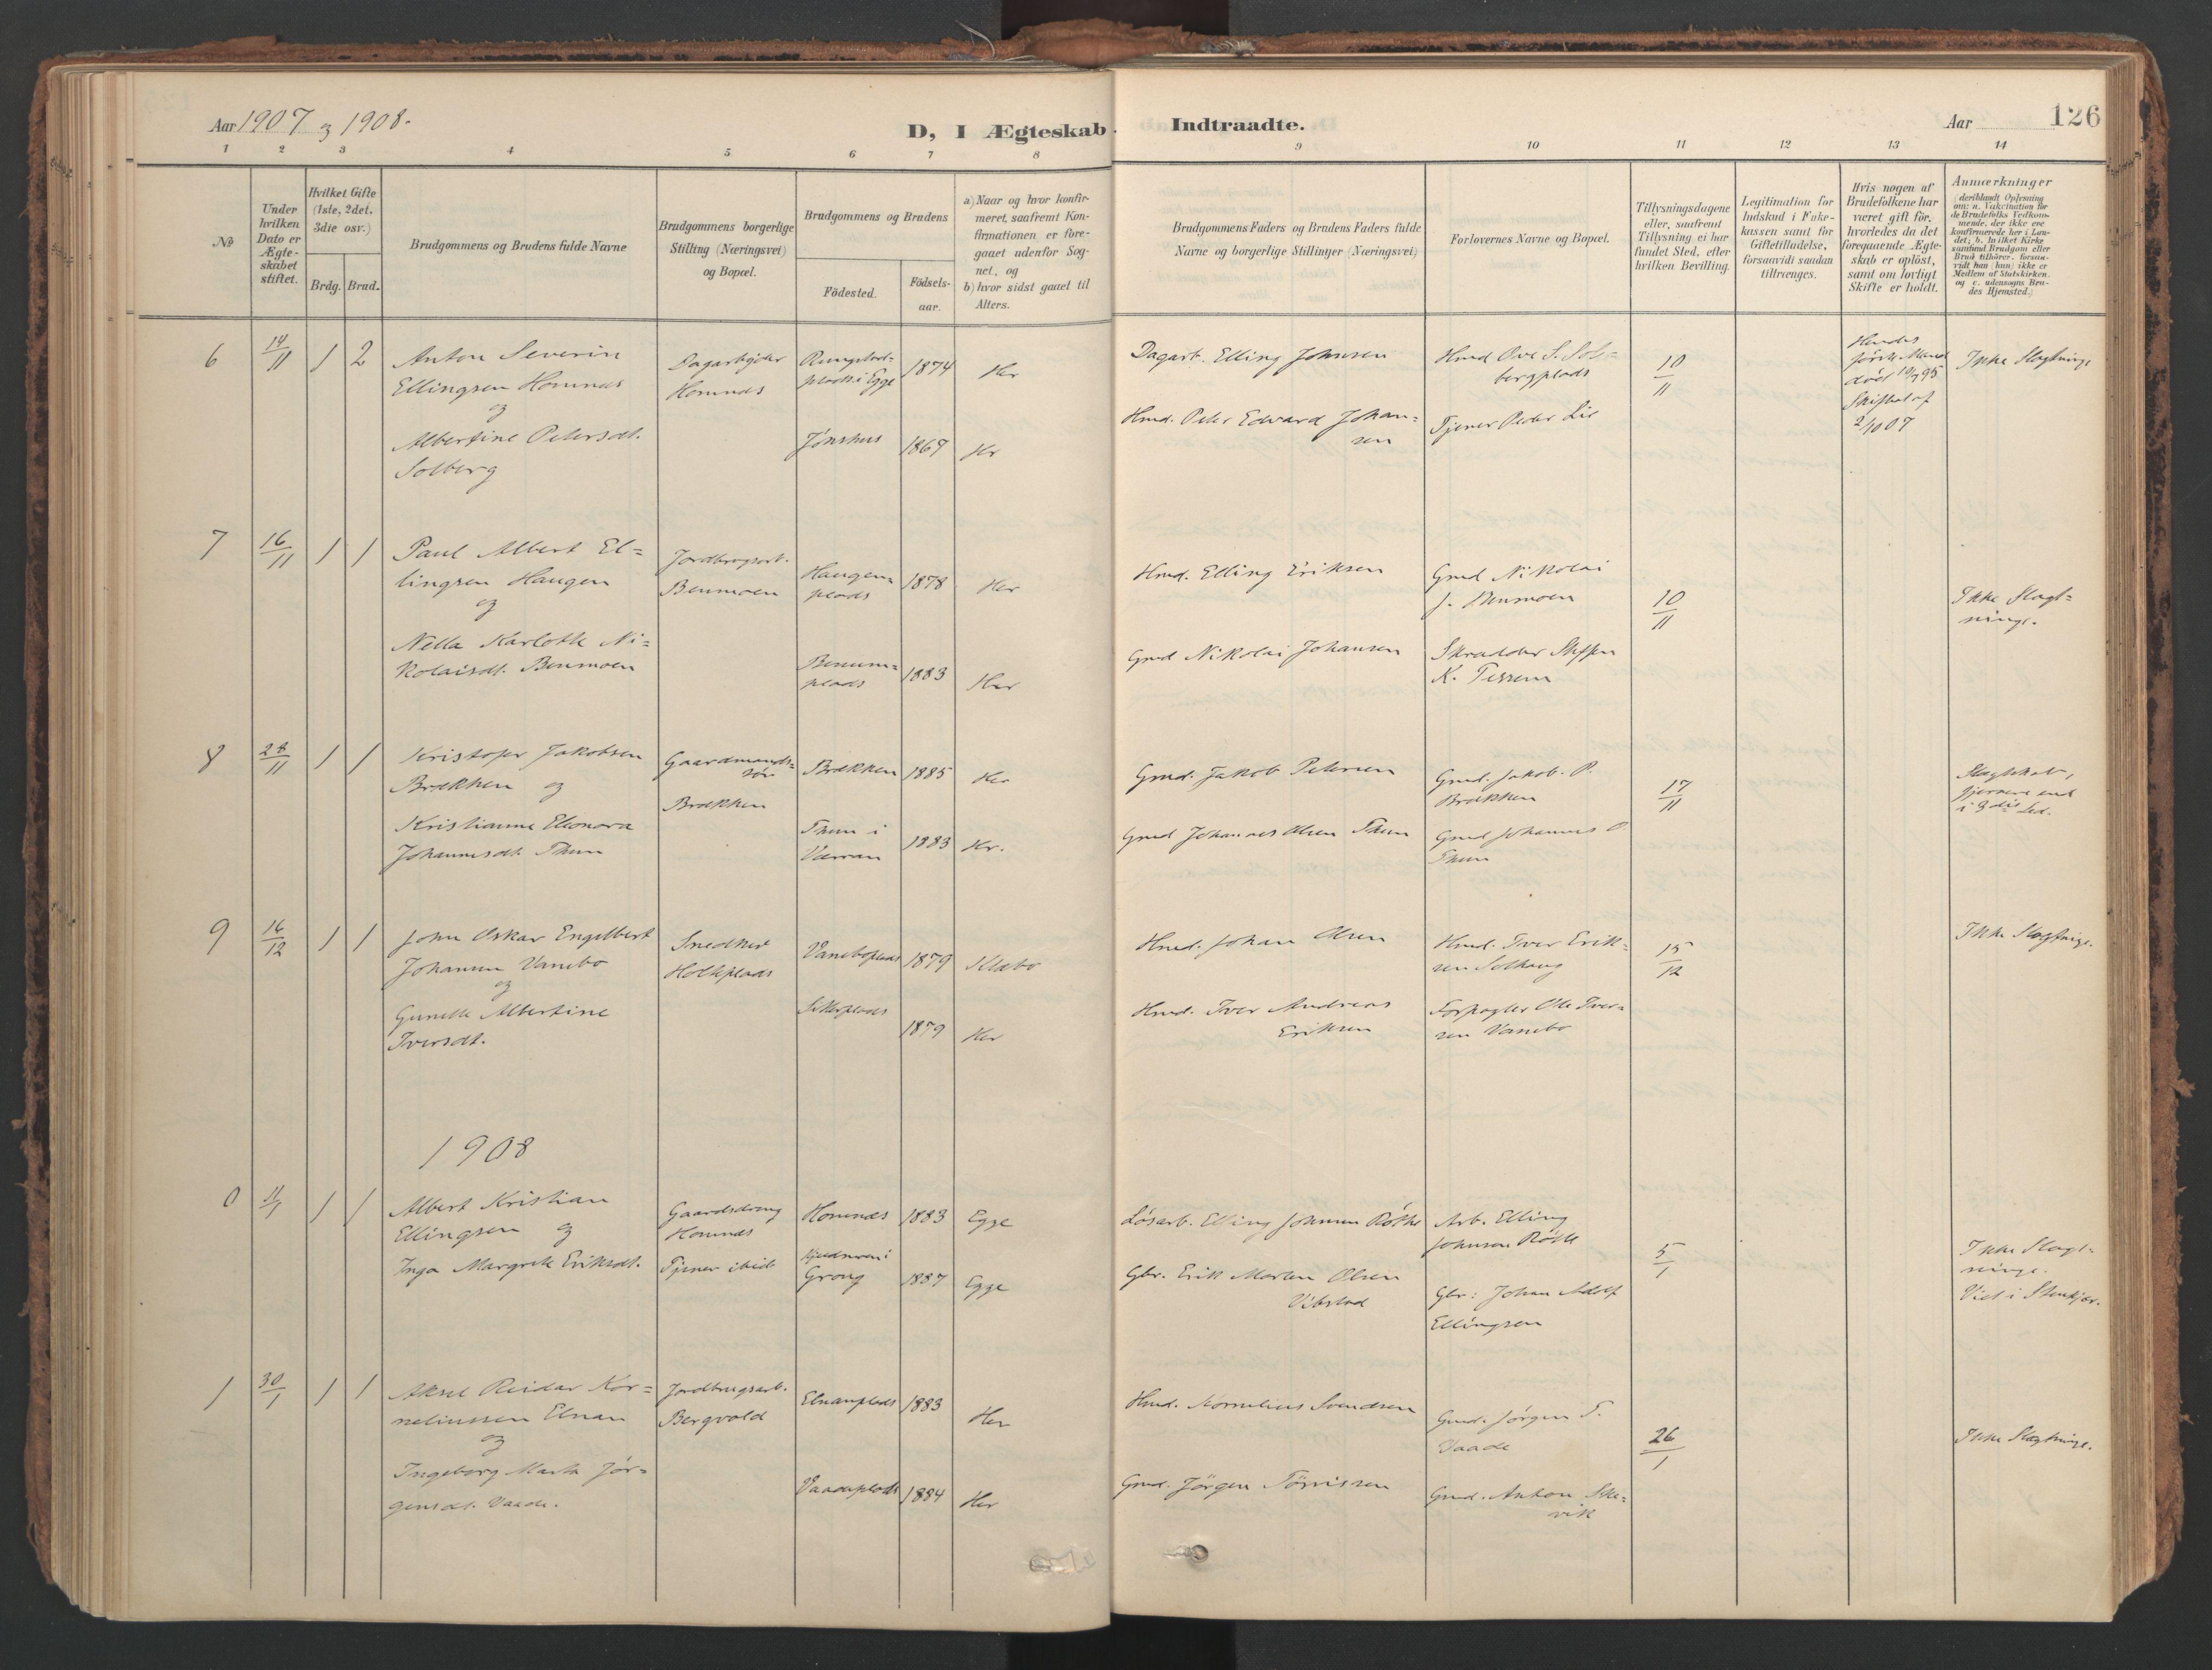 SAT, Ministerialprotokoller, klokkerbøker og fødselsregistre - Nord-Trøndelag, 741/L0397: Ministerialbok nr. 741A11, 1901-1911, s. 126